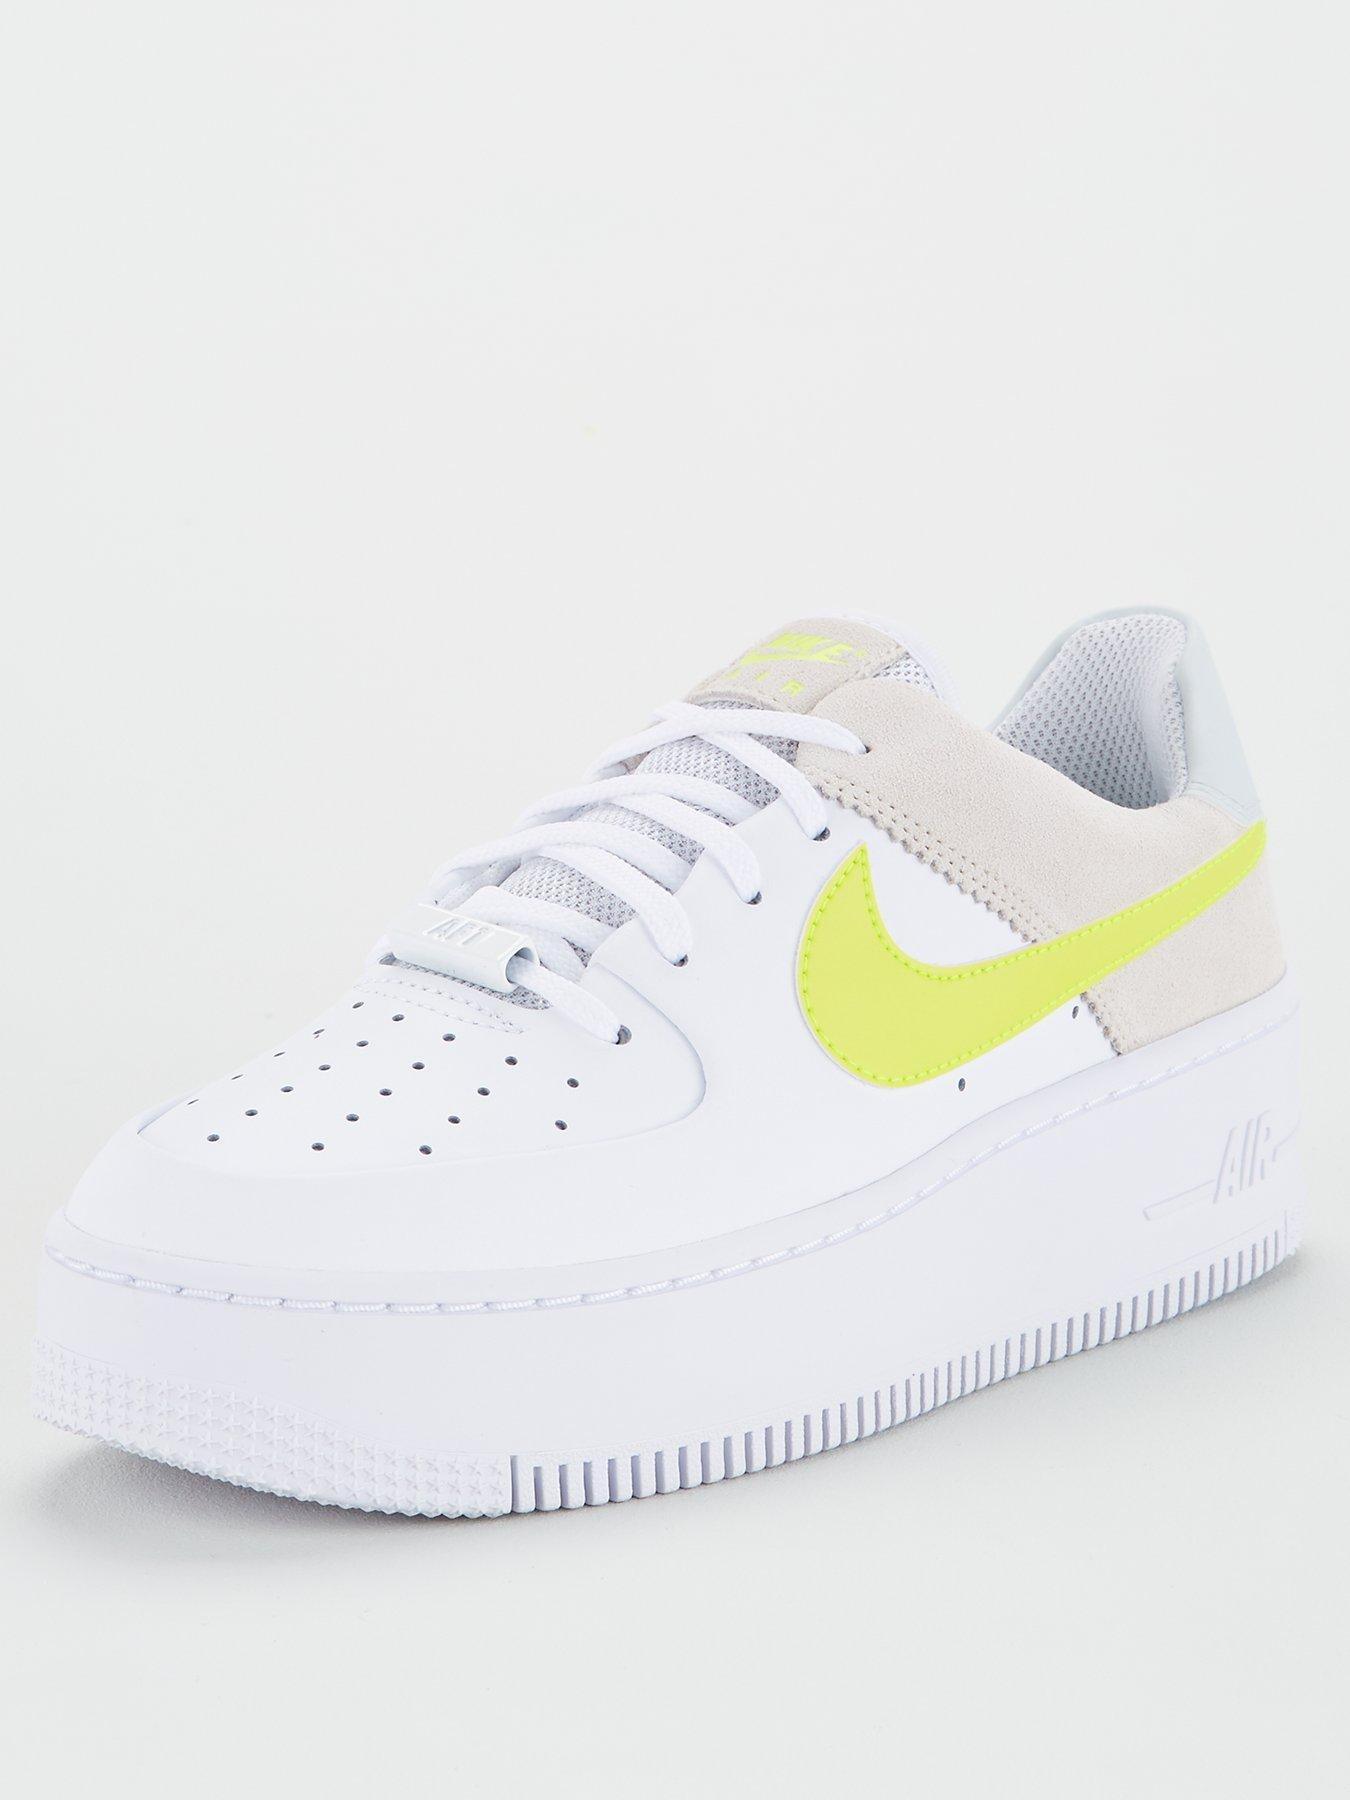 Nike Air Force 1 Sage Low - White